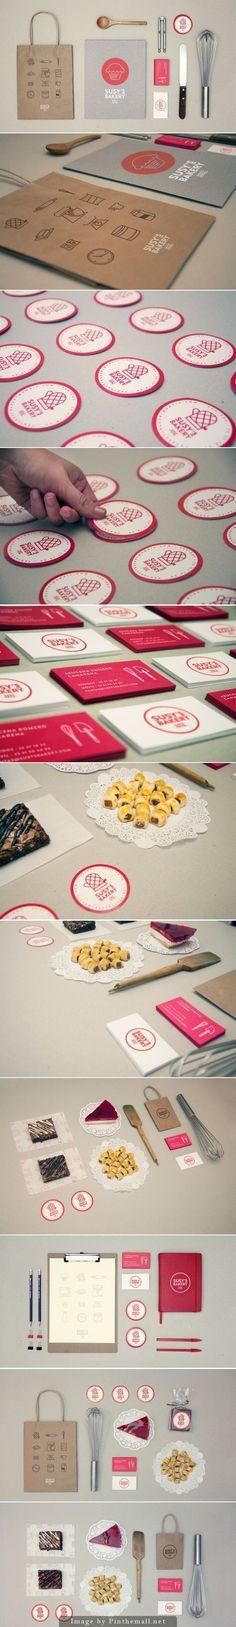 20 identités graphiques très complètes - Inspiration graphique #16 | BlogDuWebdesign